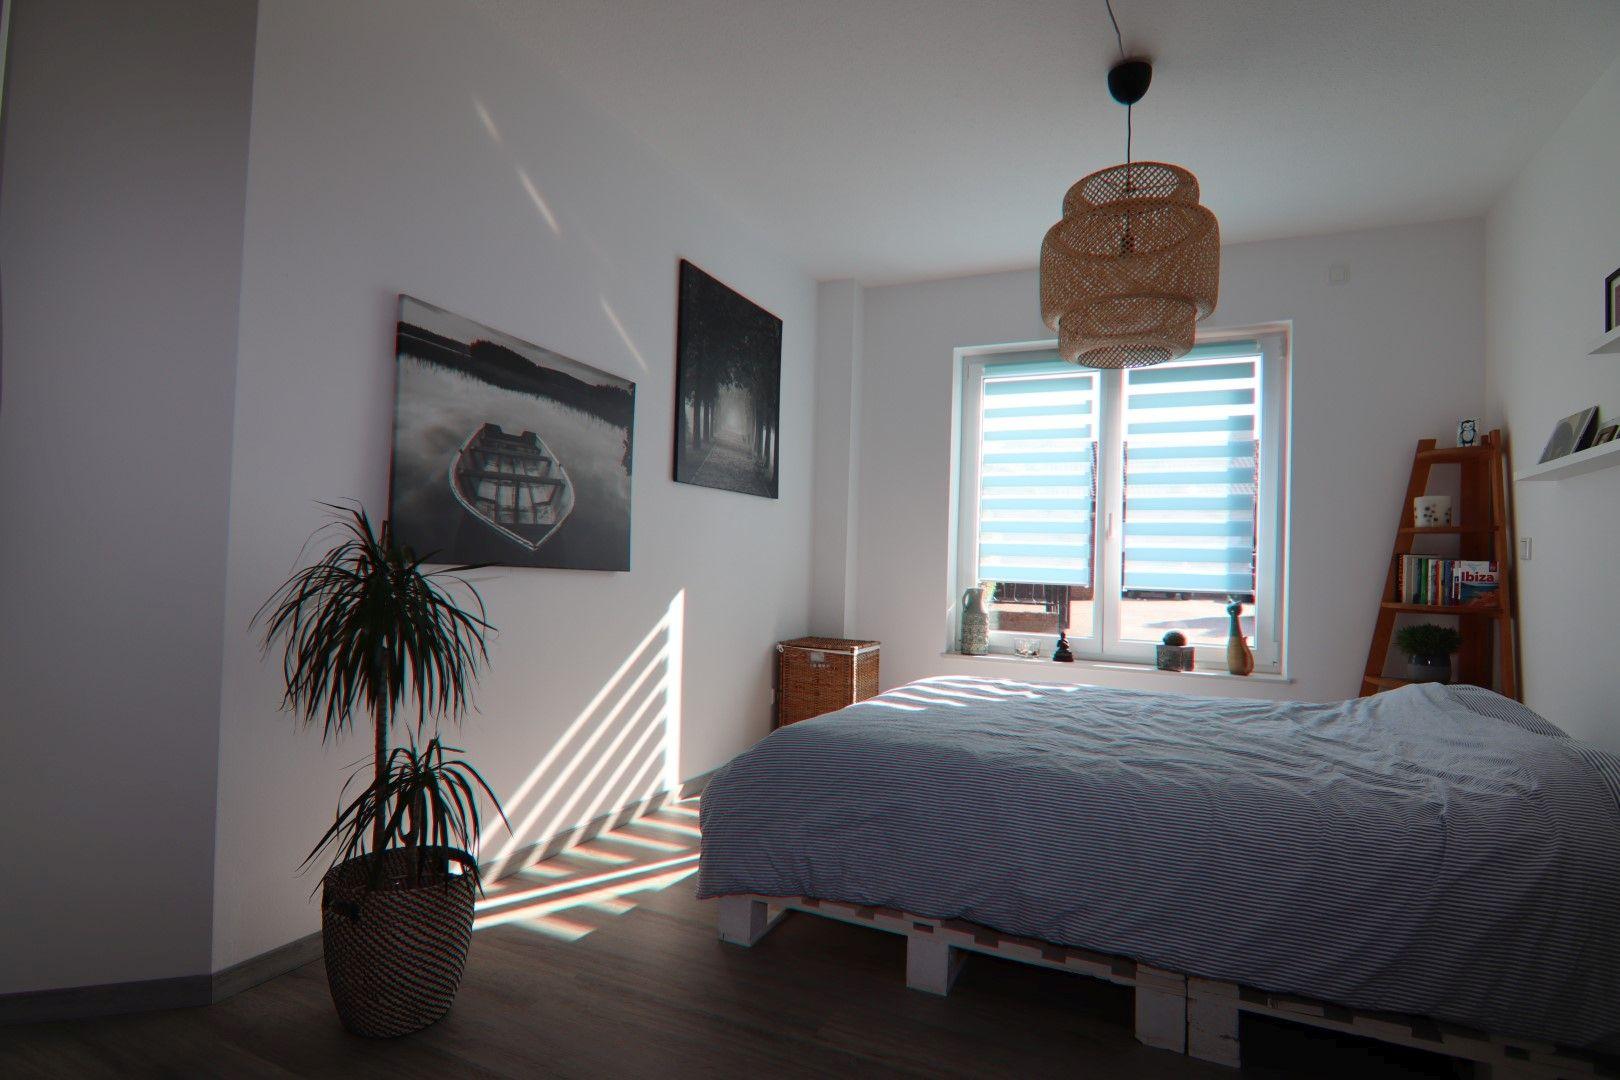 Immobilie Nr.0266 - 2-Raum-Erdgeschoss-Wohnung im Neubau mit hochwertiger Ausstattung - Bild 10.jpg